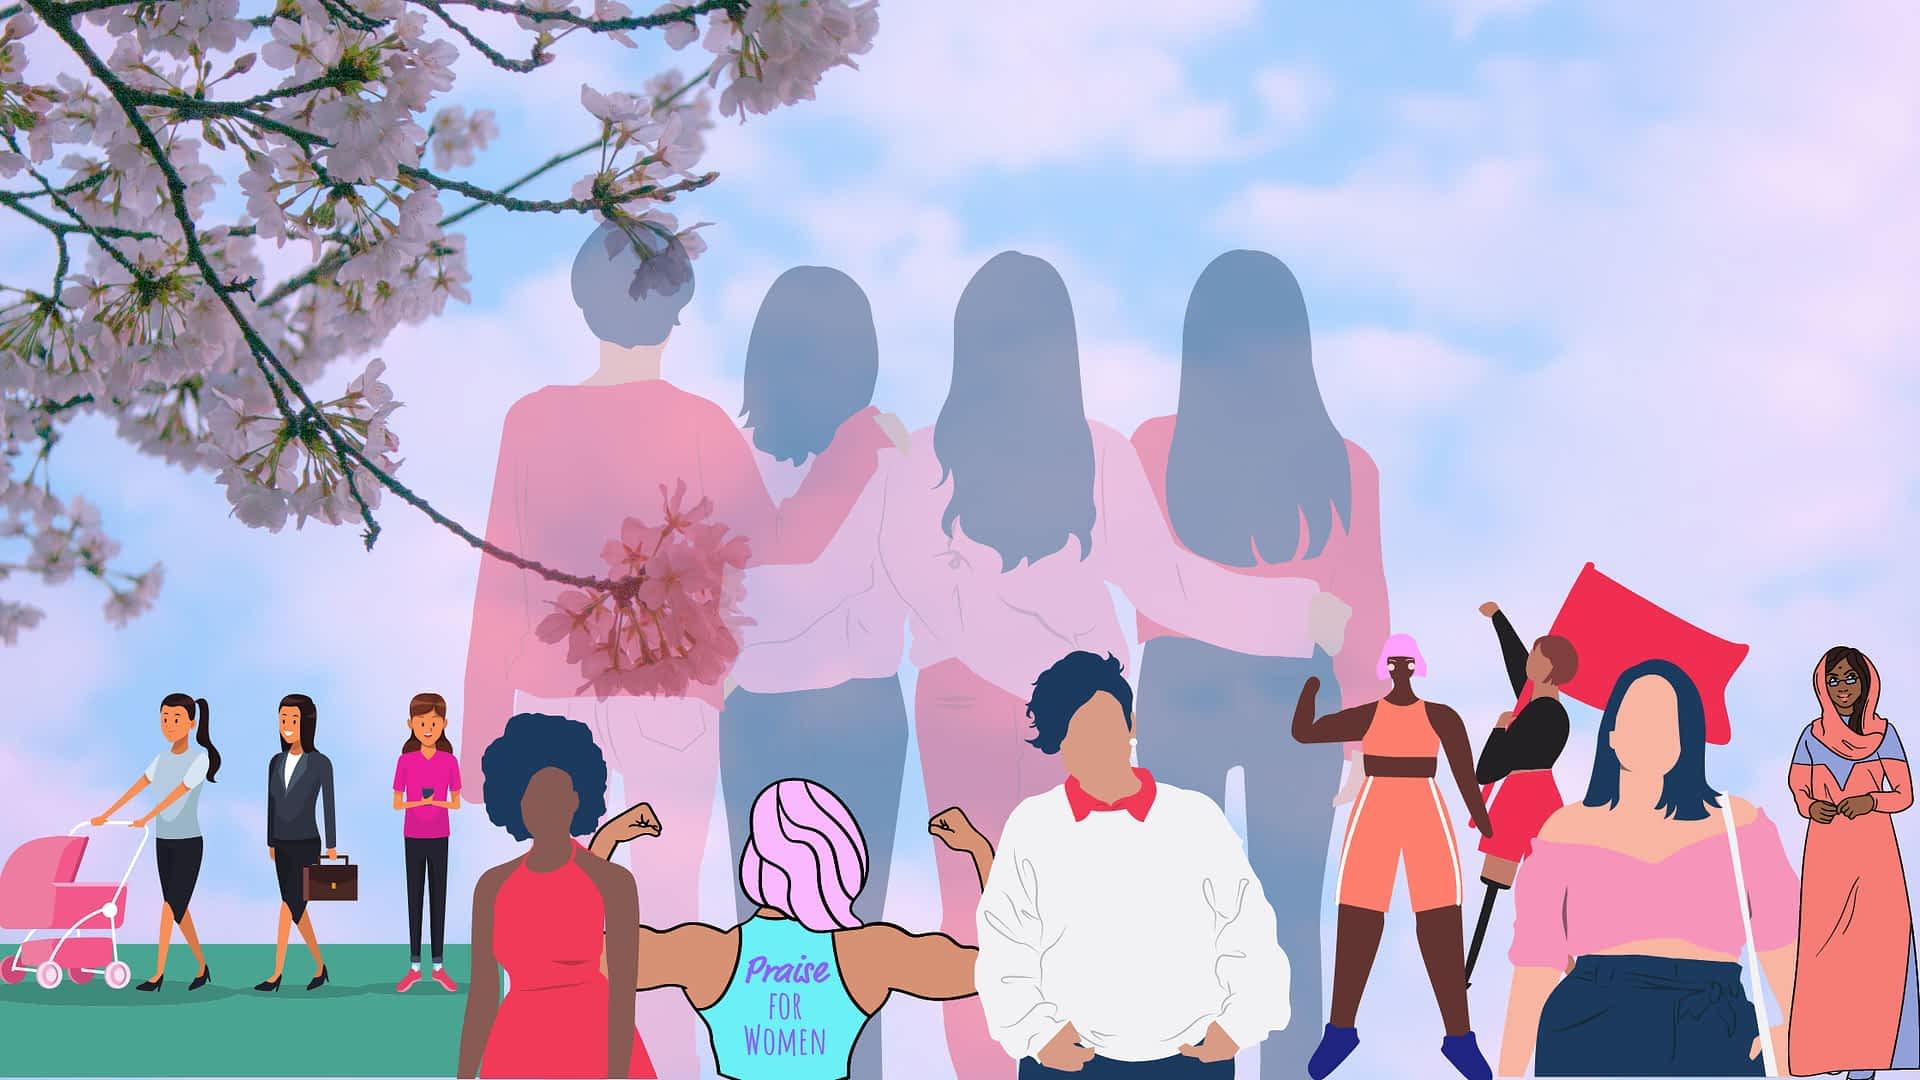 Understanding the theme around this years International Women's Day